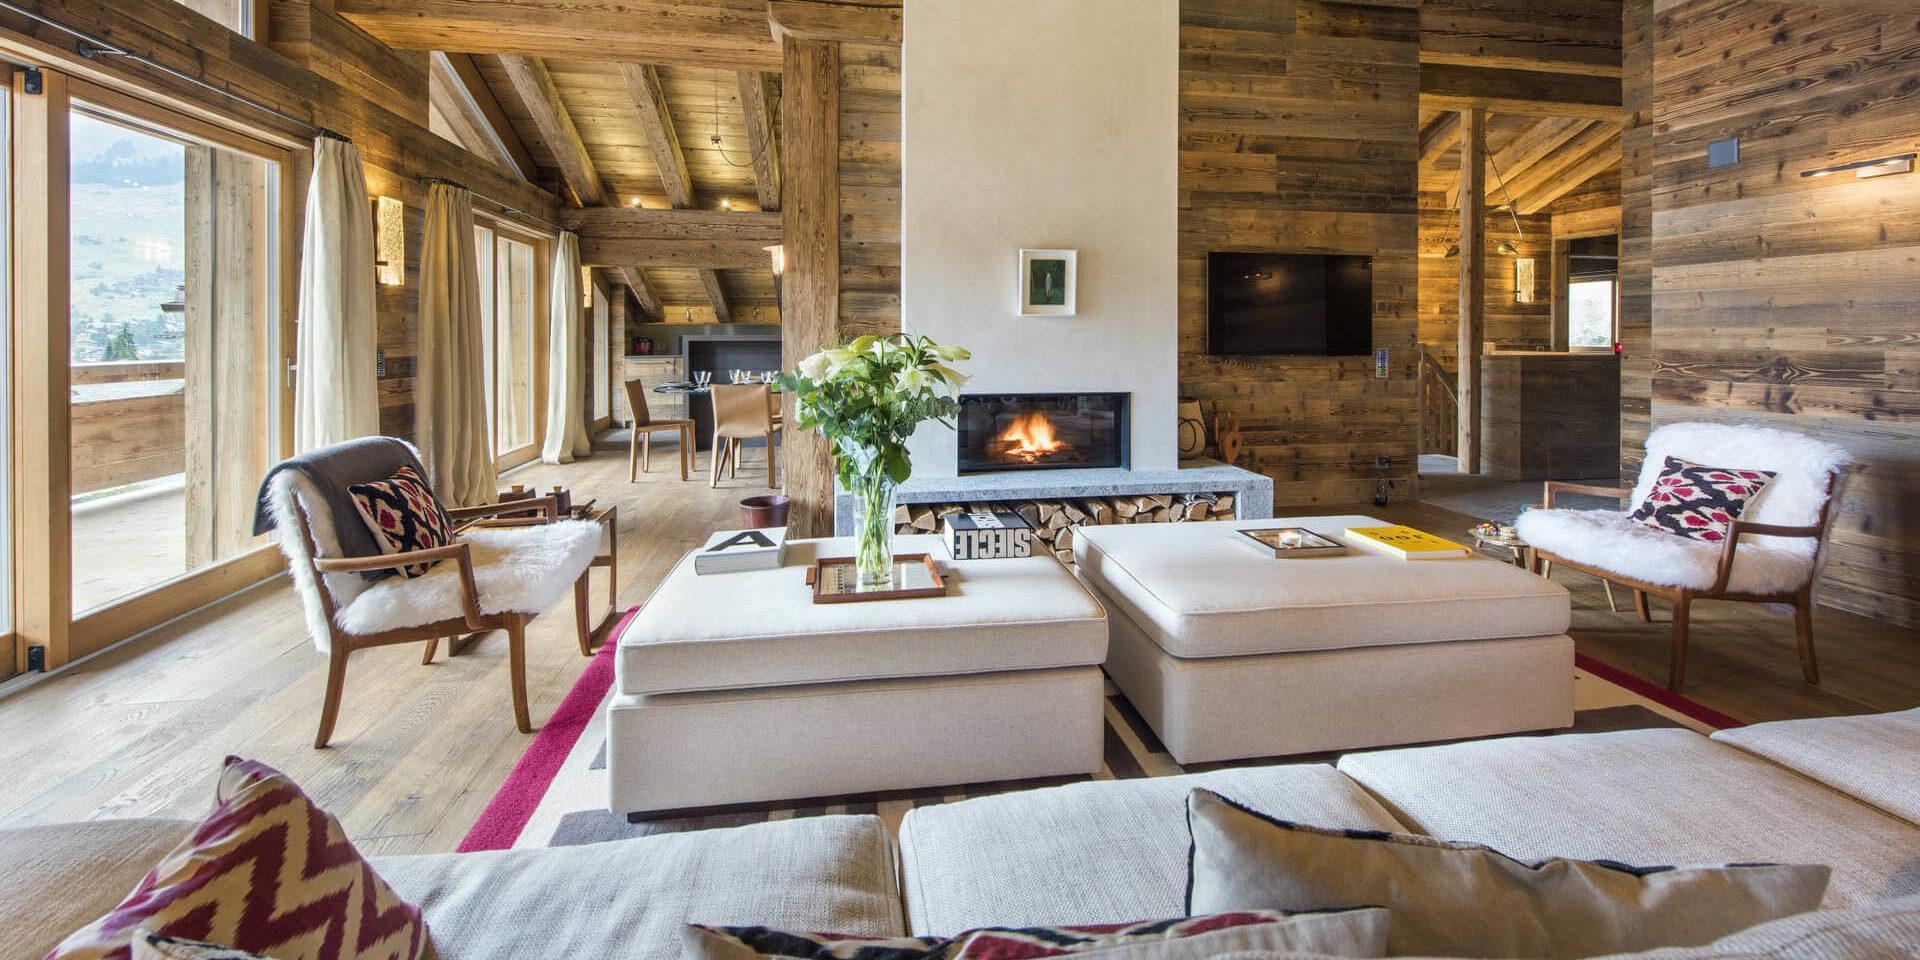 Appartement Place Blanche 2 Verbier Les 4 Vallees Zwitserland wintersport skivakantie luxe living fauteuils open haard hockers bloemen bank vloerkleed raam hout